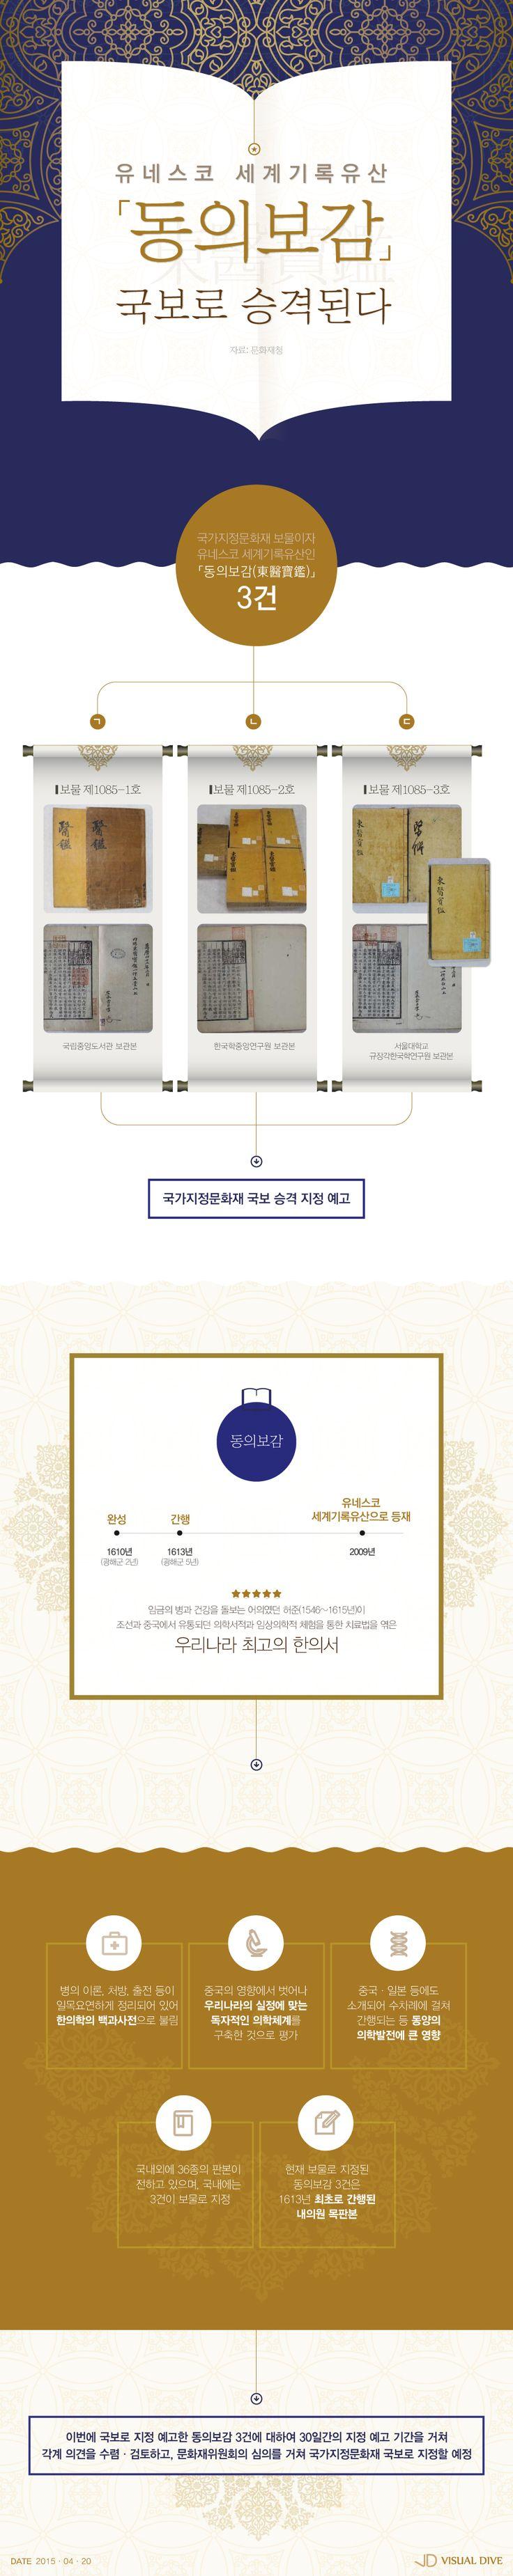 '세계기록유산' 동의보감, 보물에서 국보로 지위 승격 [인포그래픽] #national treasure / #Infographic ⓒ 비주얼다이브 무단 복사·전재·재배포 금지